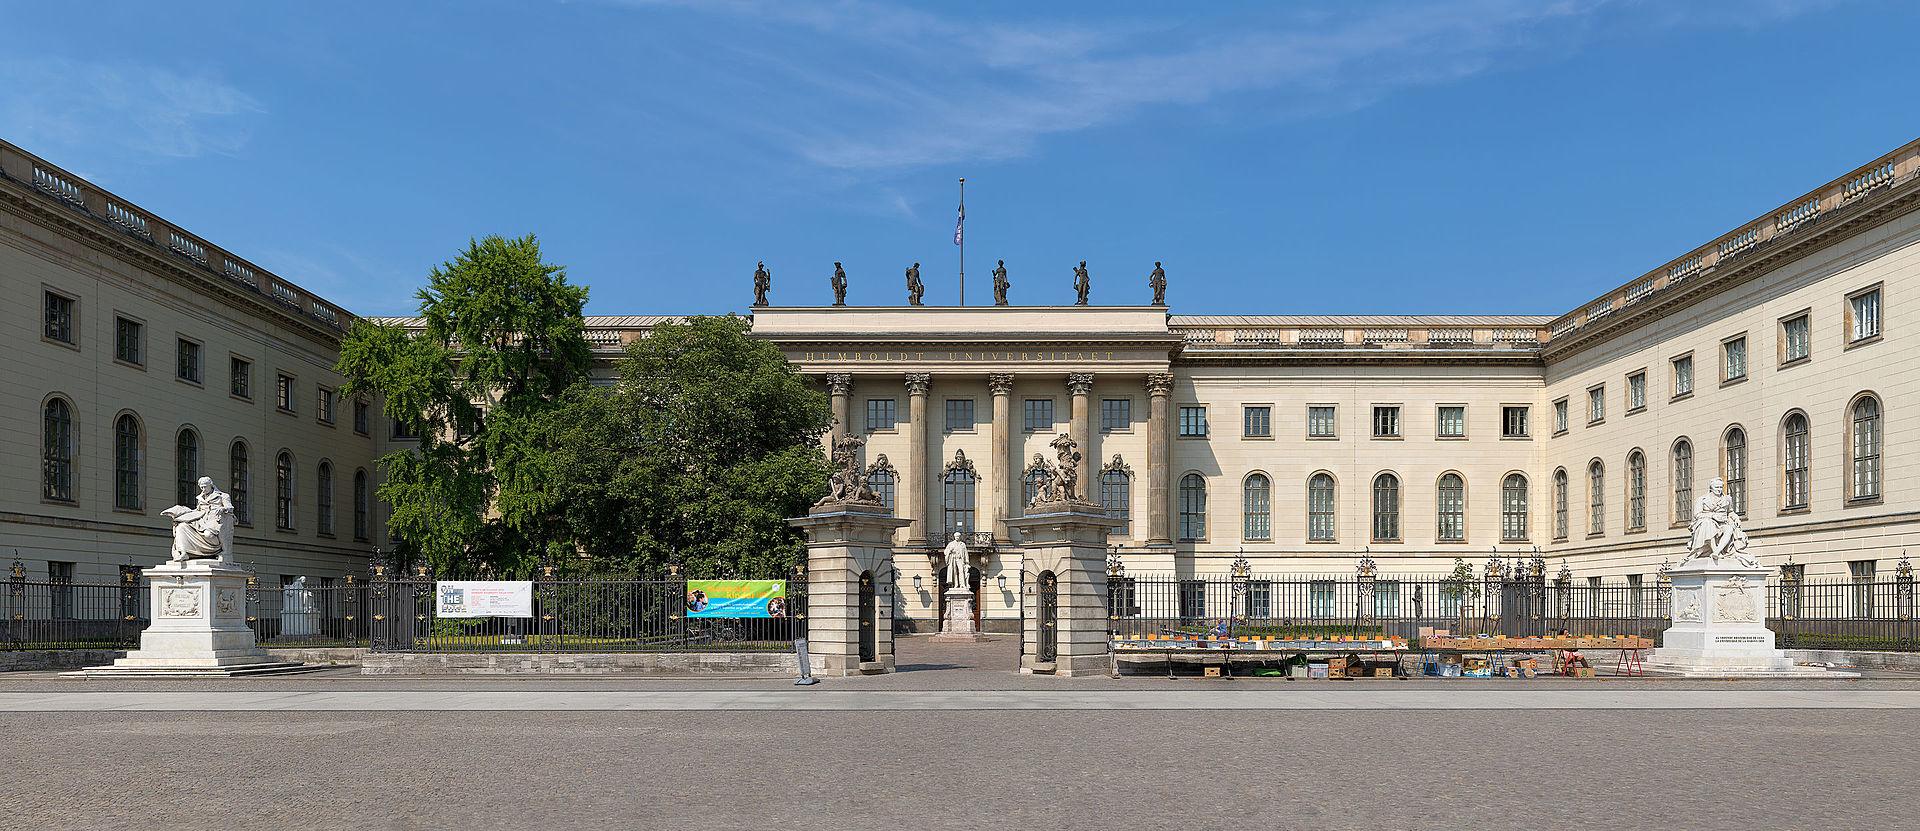 Photo: Außenansicht der Humboldt-Universität zu Berlin (c) Christian Wolf (www.c-w-design.de), CC BY-SA 3.0 DE